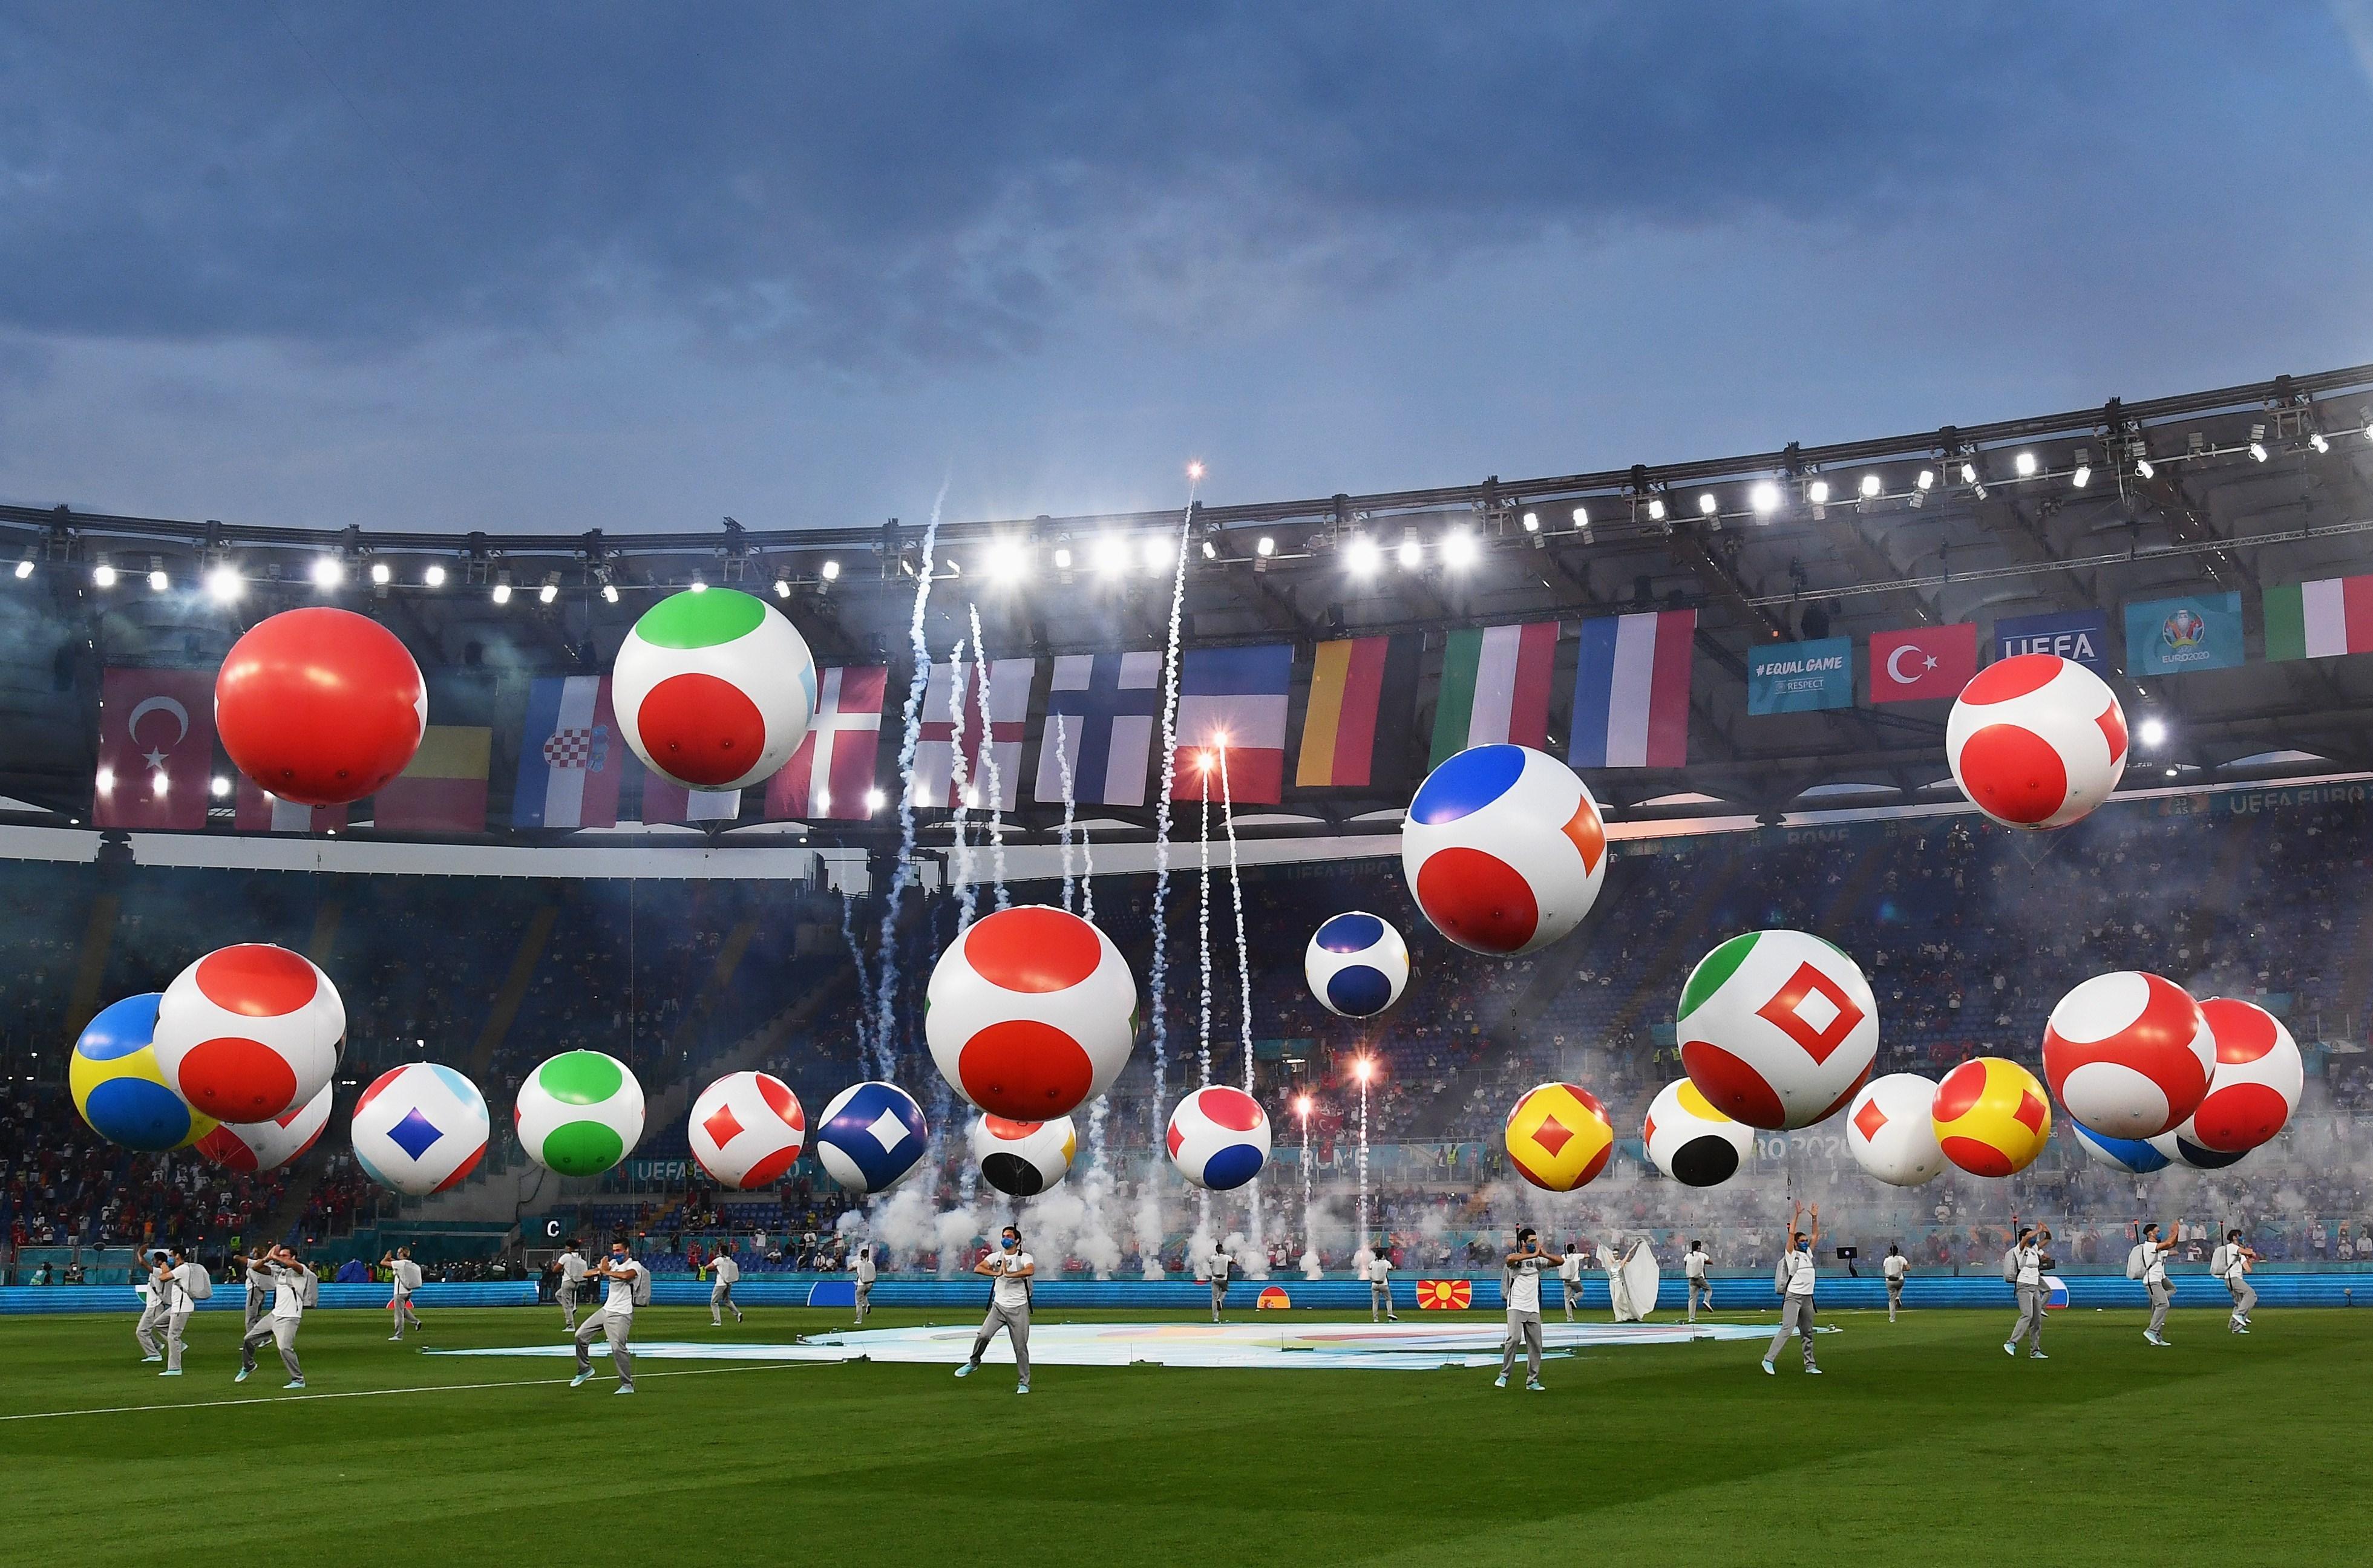 14000321232518928229553910 - مراسم افتتاحیه یورو 2020 مختصر و مفید برگزار شد + عکس